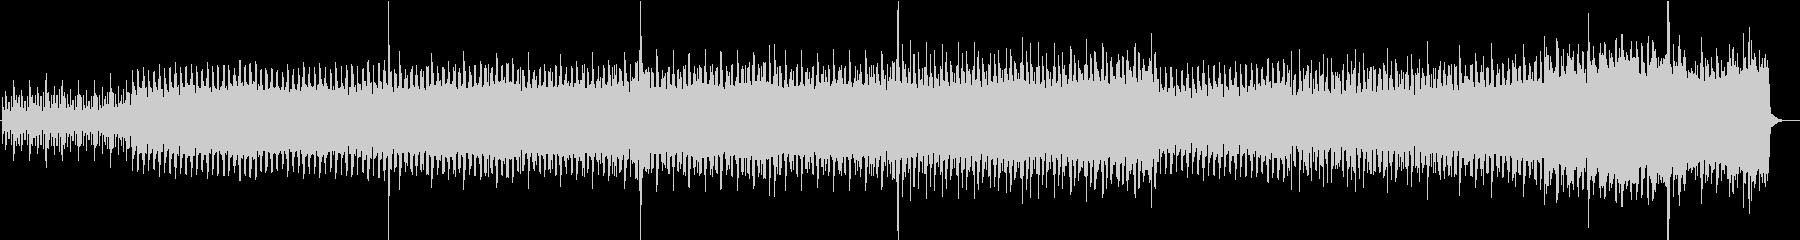 signalの未再生の波形